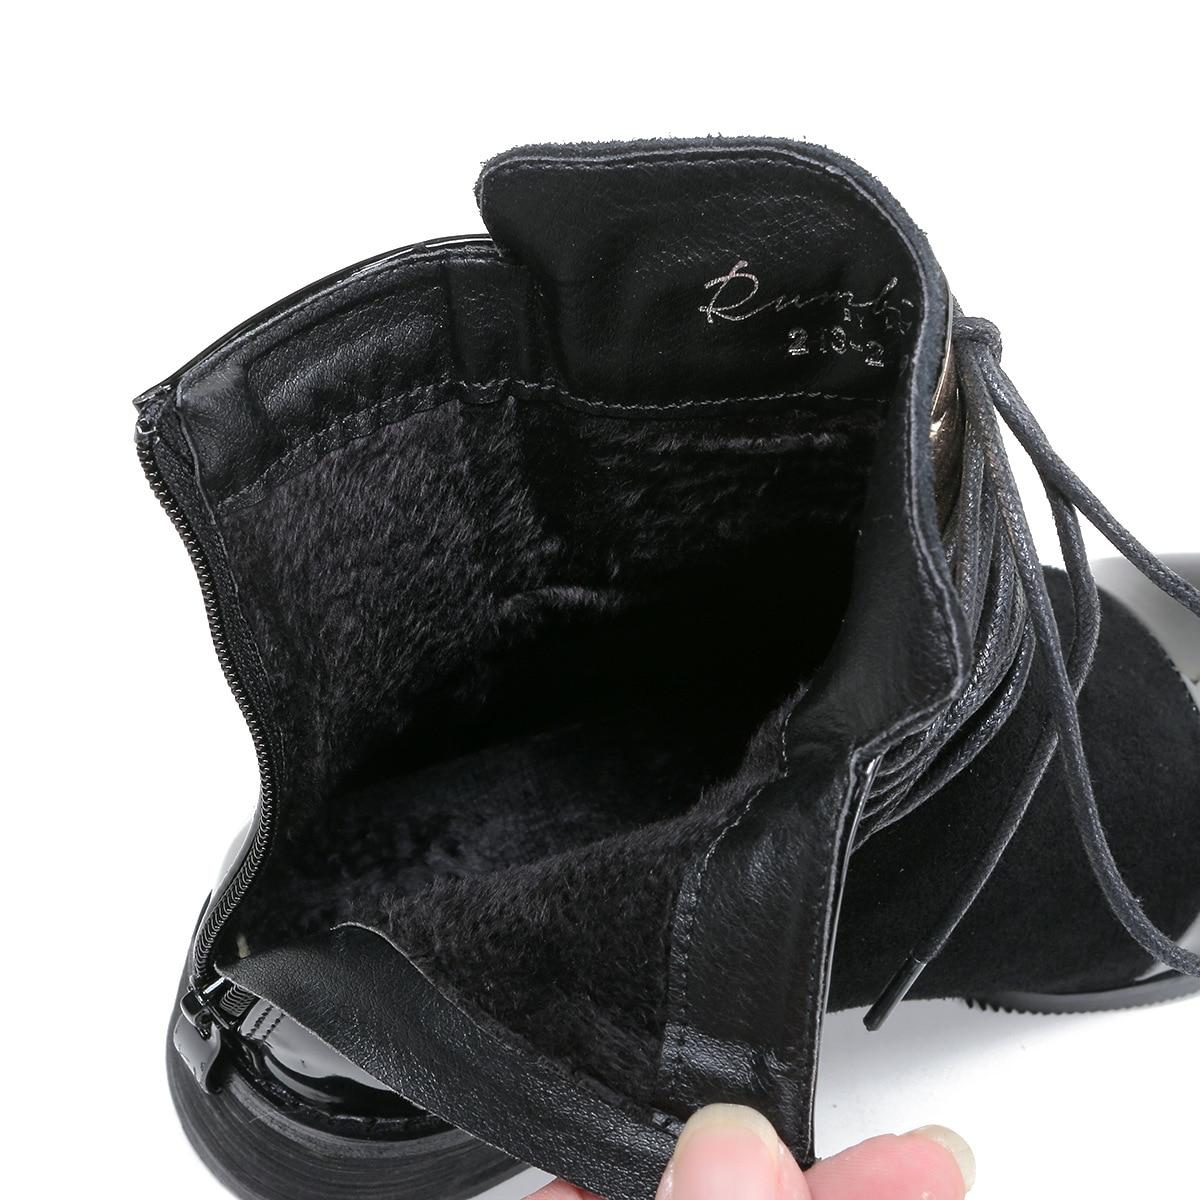 Martin Botas Moto Point wine Xingdeng Del De Red Nubuck Señoras Black Zapatos Partido Mujeres Inglaterra Tobillo Lace Charol Las Up Toe Hw8pyqB80